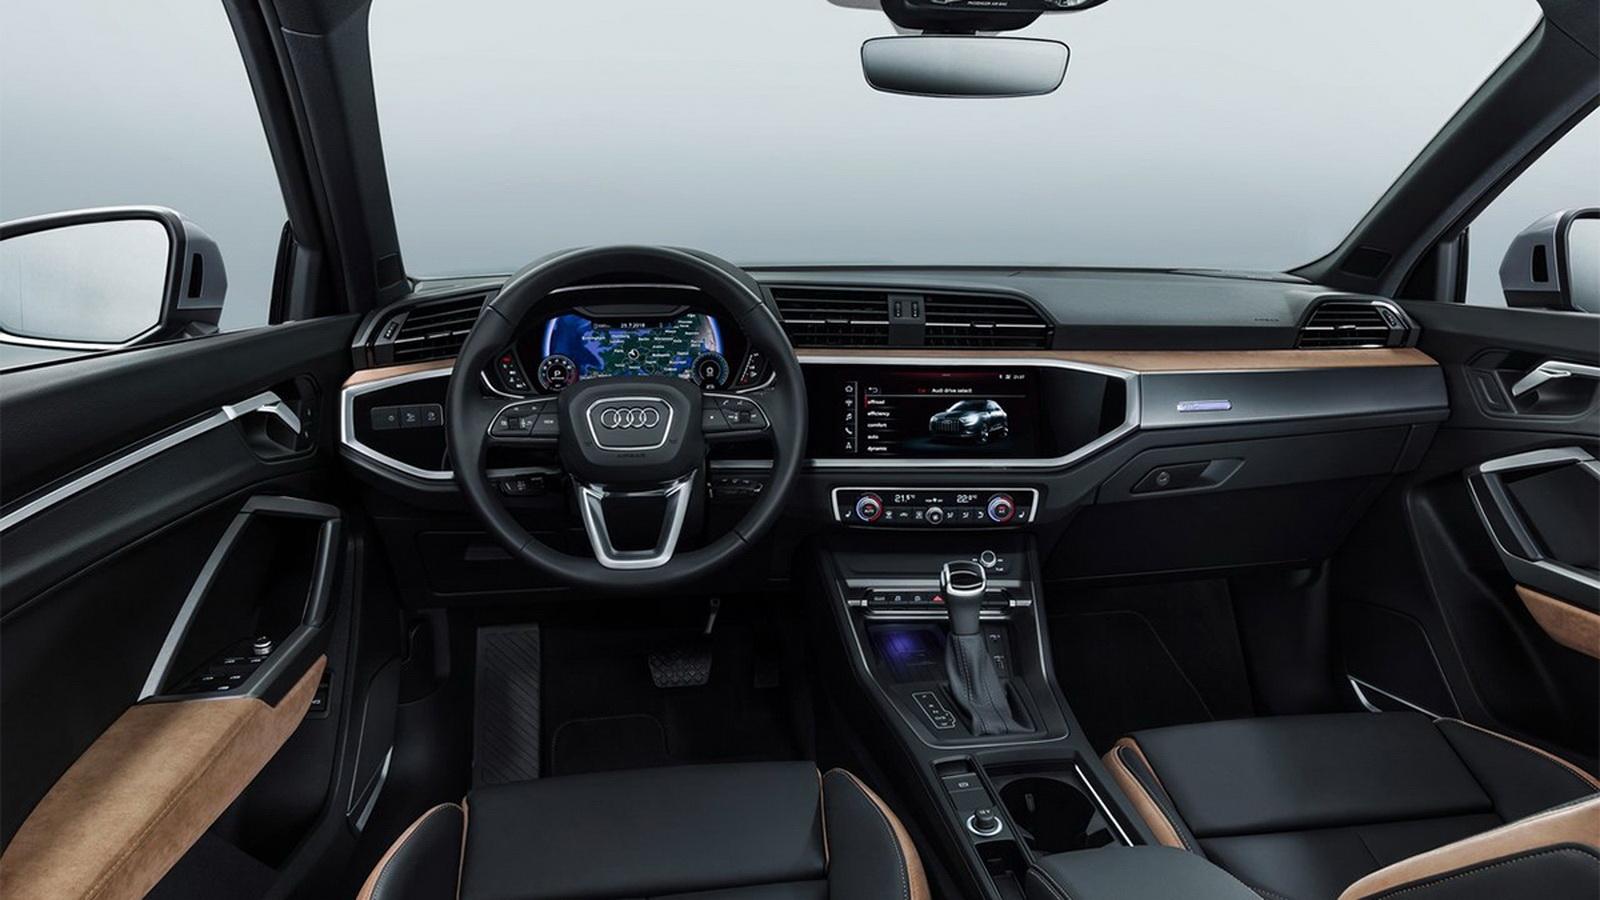 圖/2020 Audi Q3 35 TFSI車艙最大亮點,肯定是導入Audi MMI數位化的概念,Audi MMI數位化車艙不僅美觀且操作直覺。